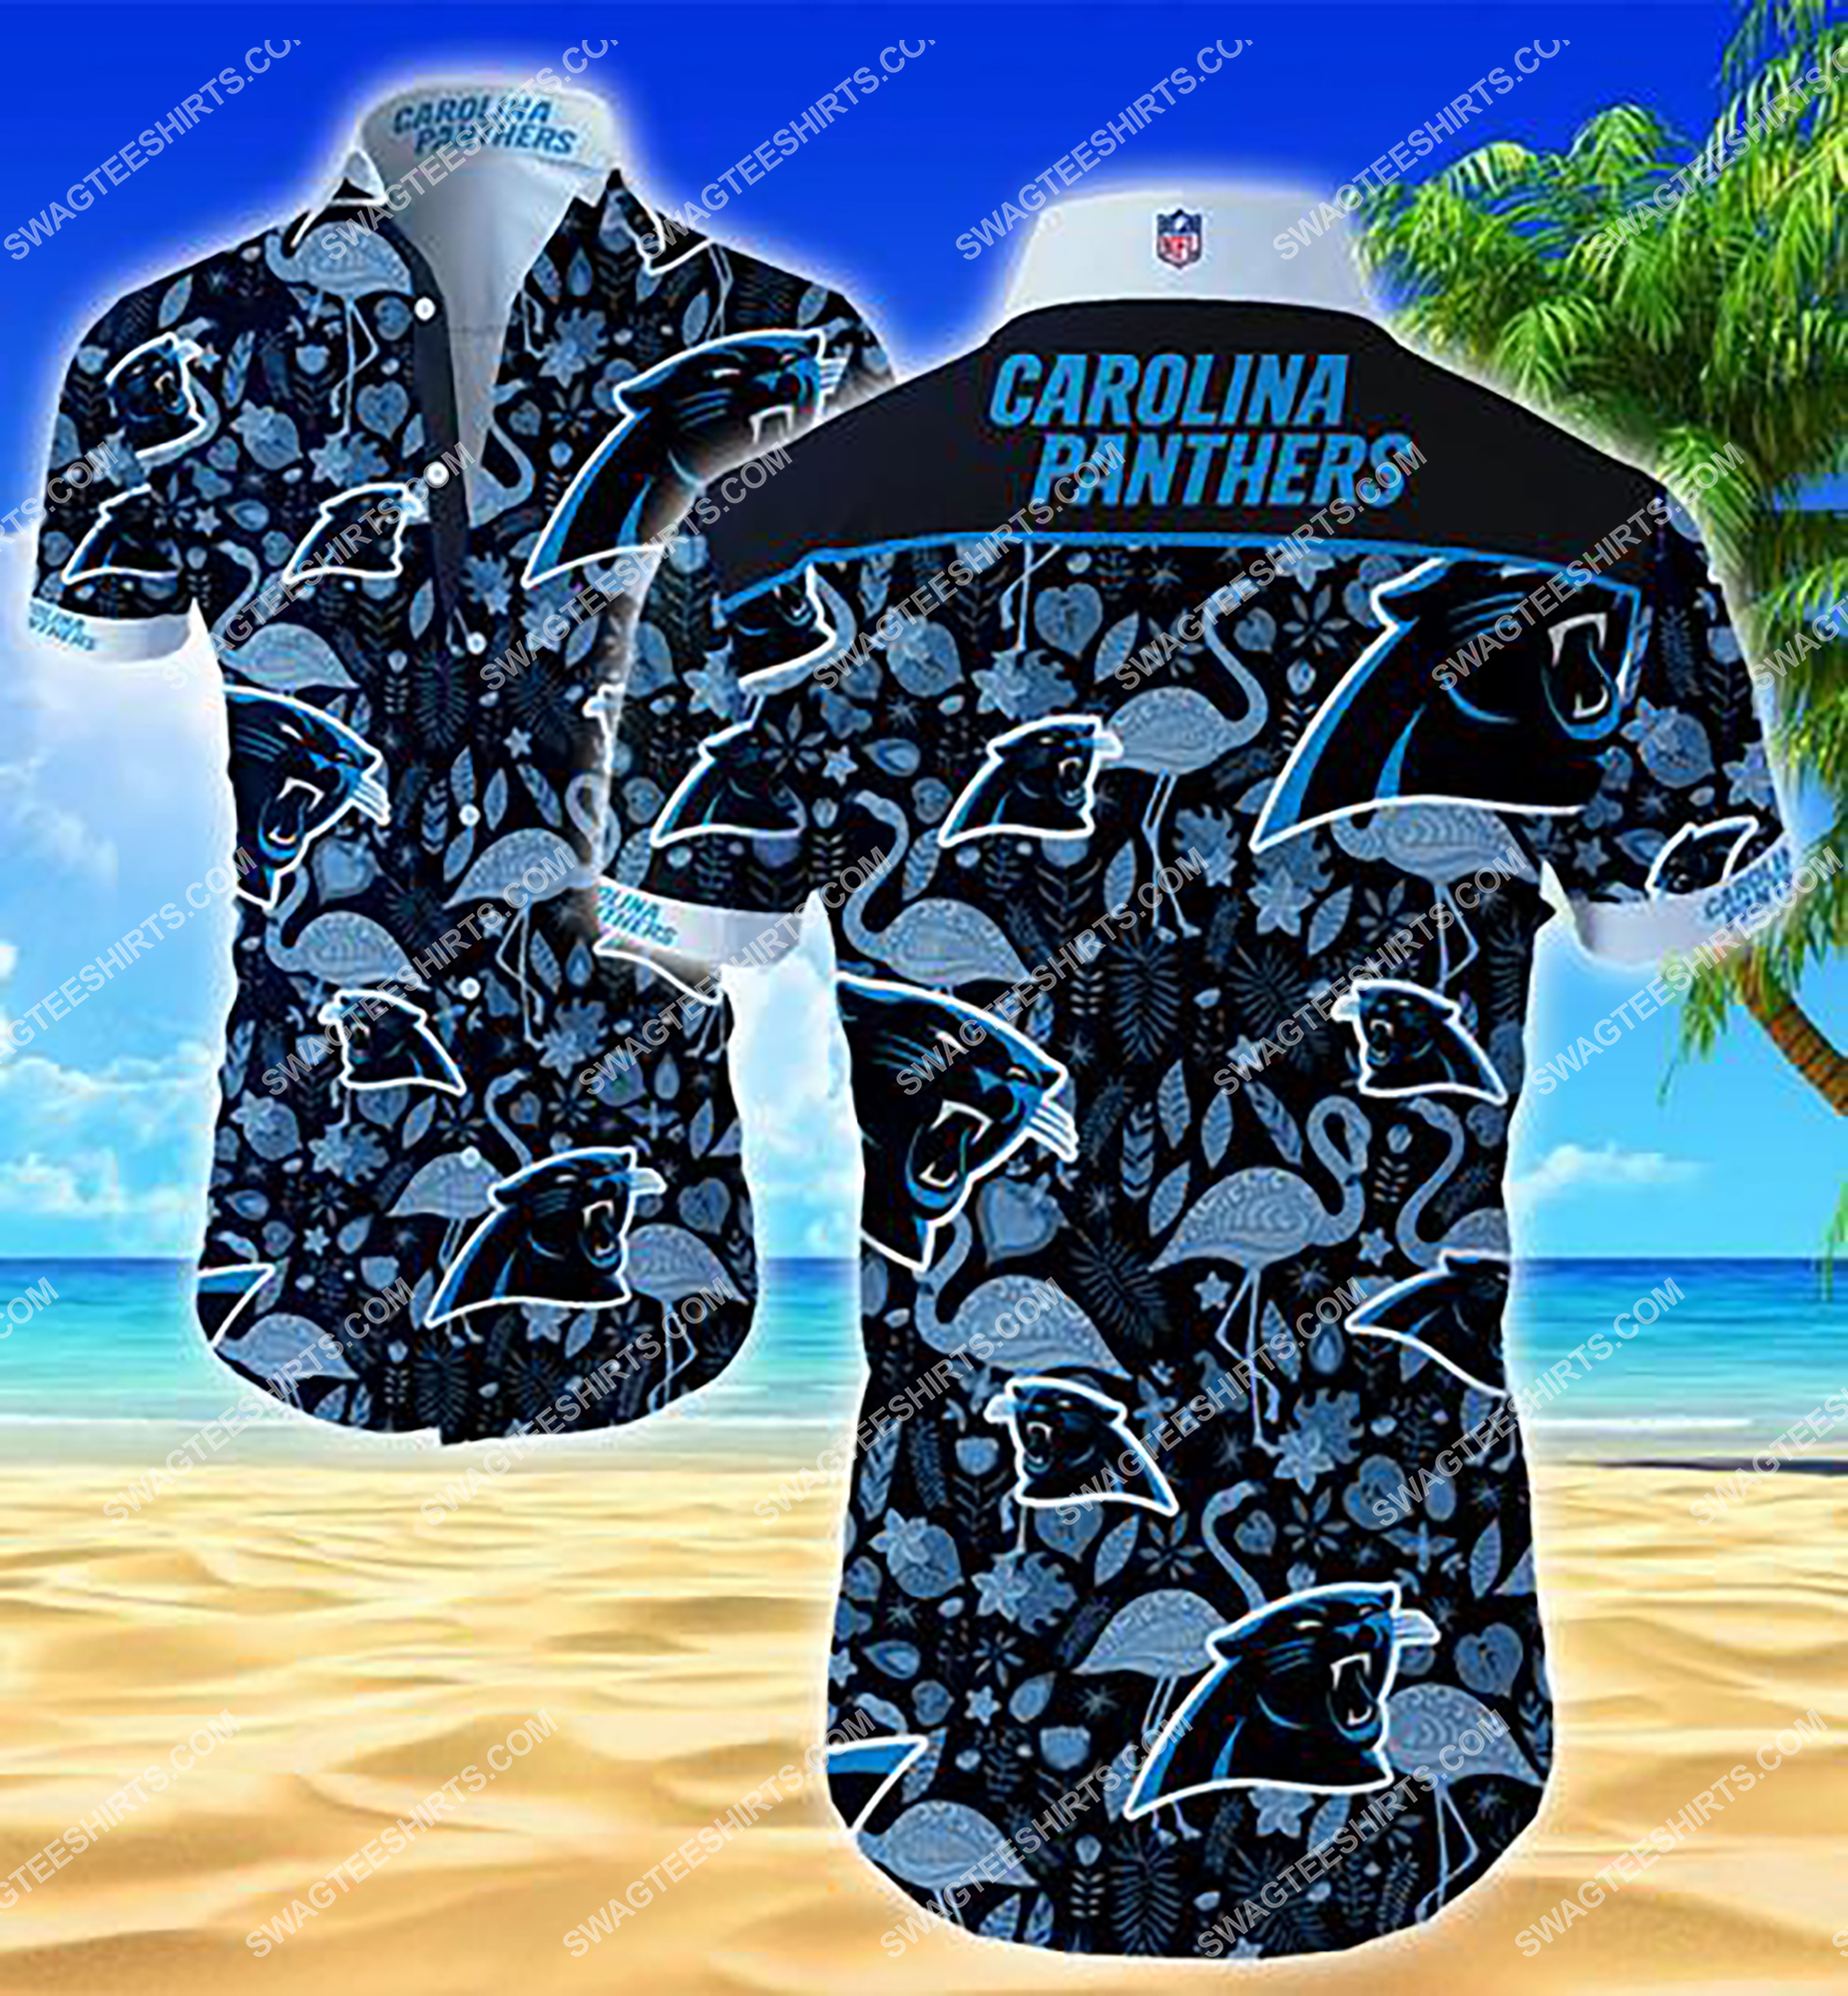 the carolina panthers football team summer hawaiian shirt 2 - Copy (2)